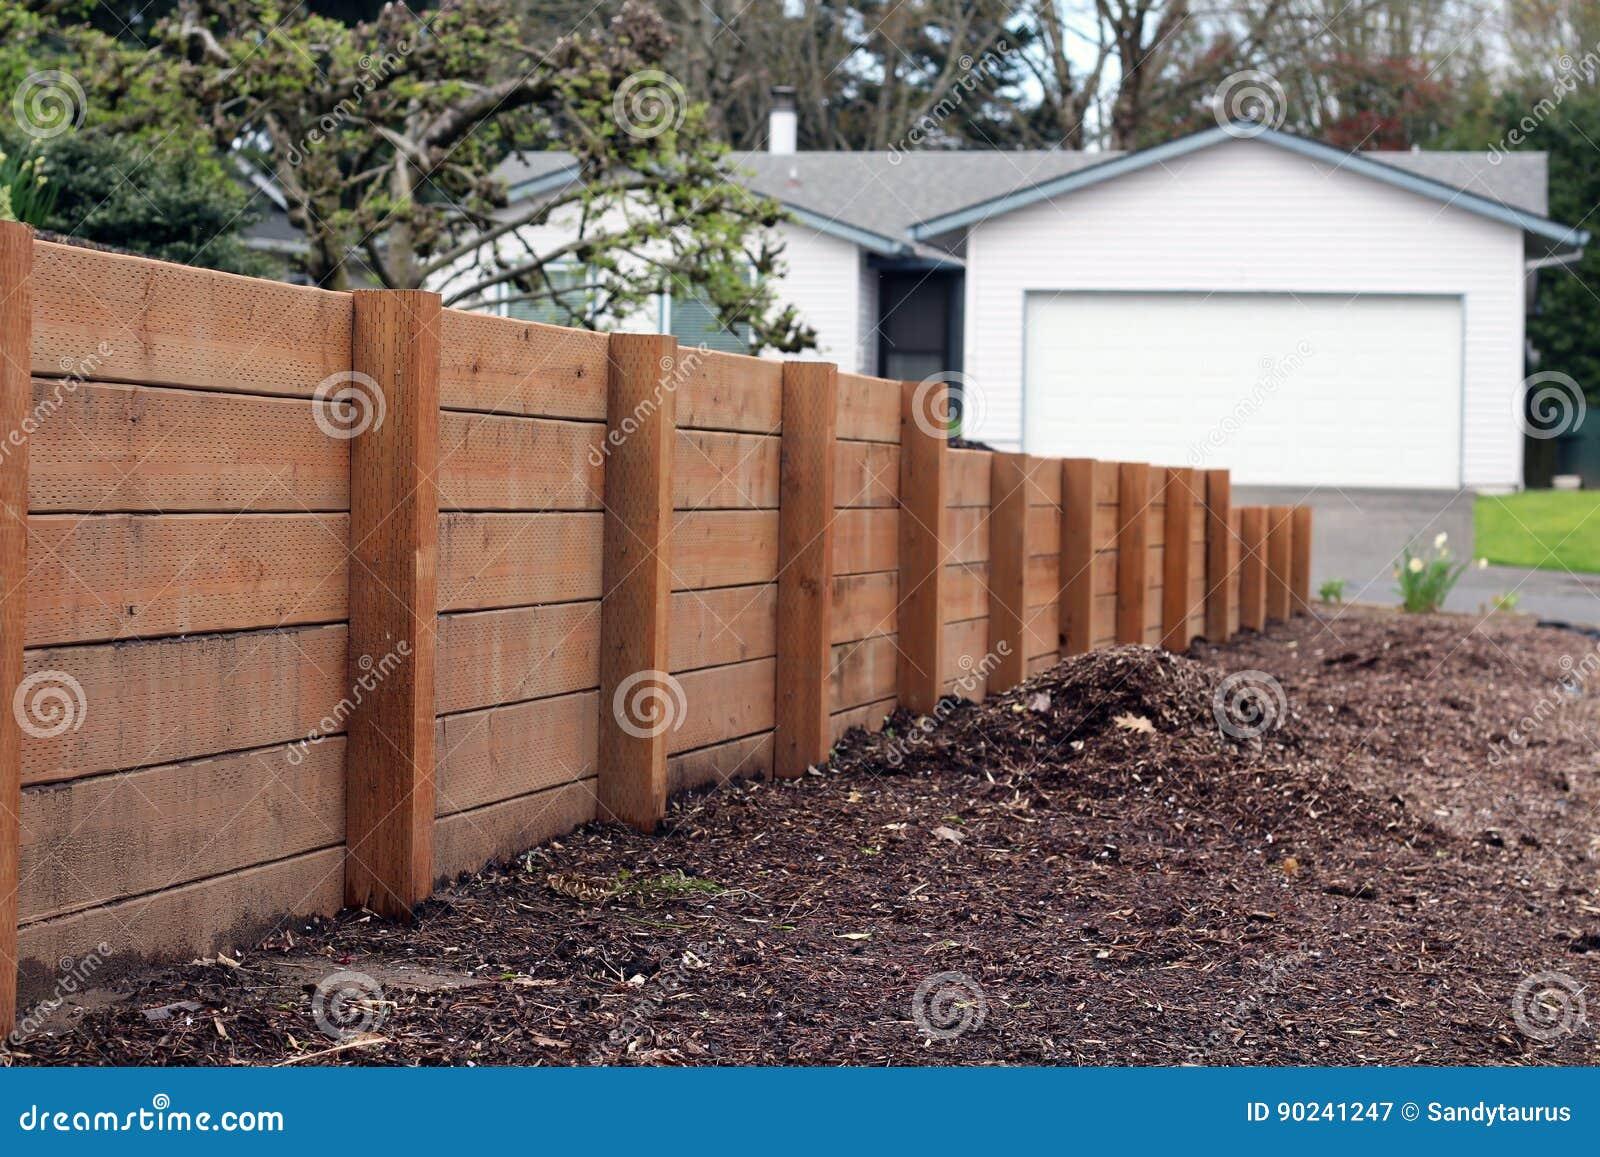 Muro de contenci n de madera foto de archivo imagen - Muro de madera ...